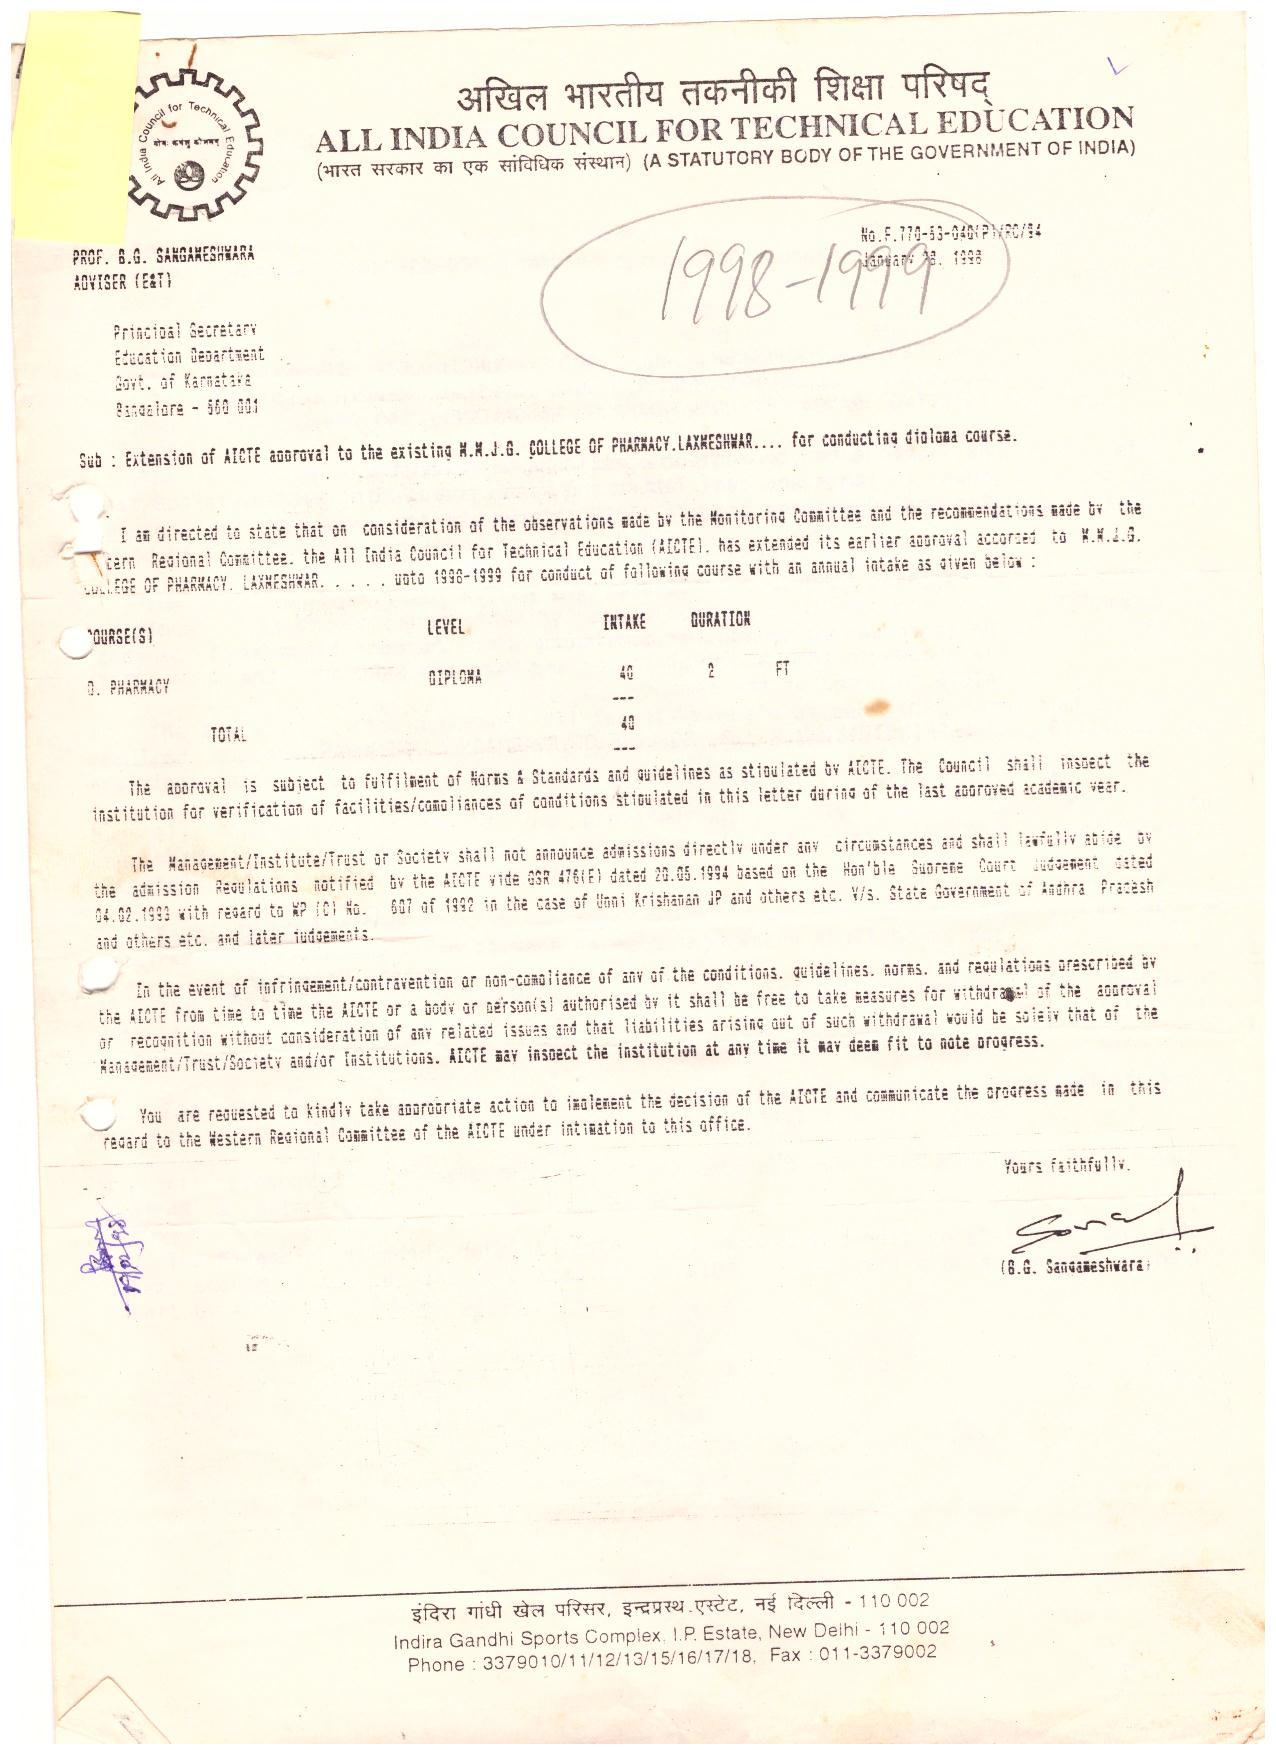 AICTE Approval Copy 1998-99 (1)